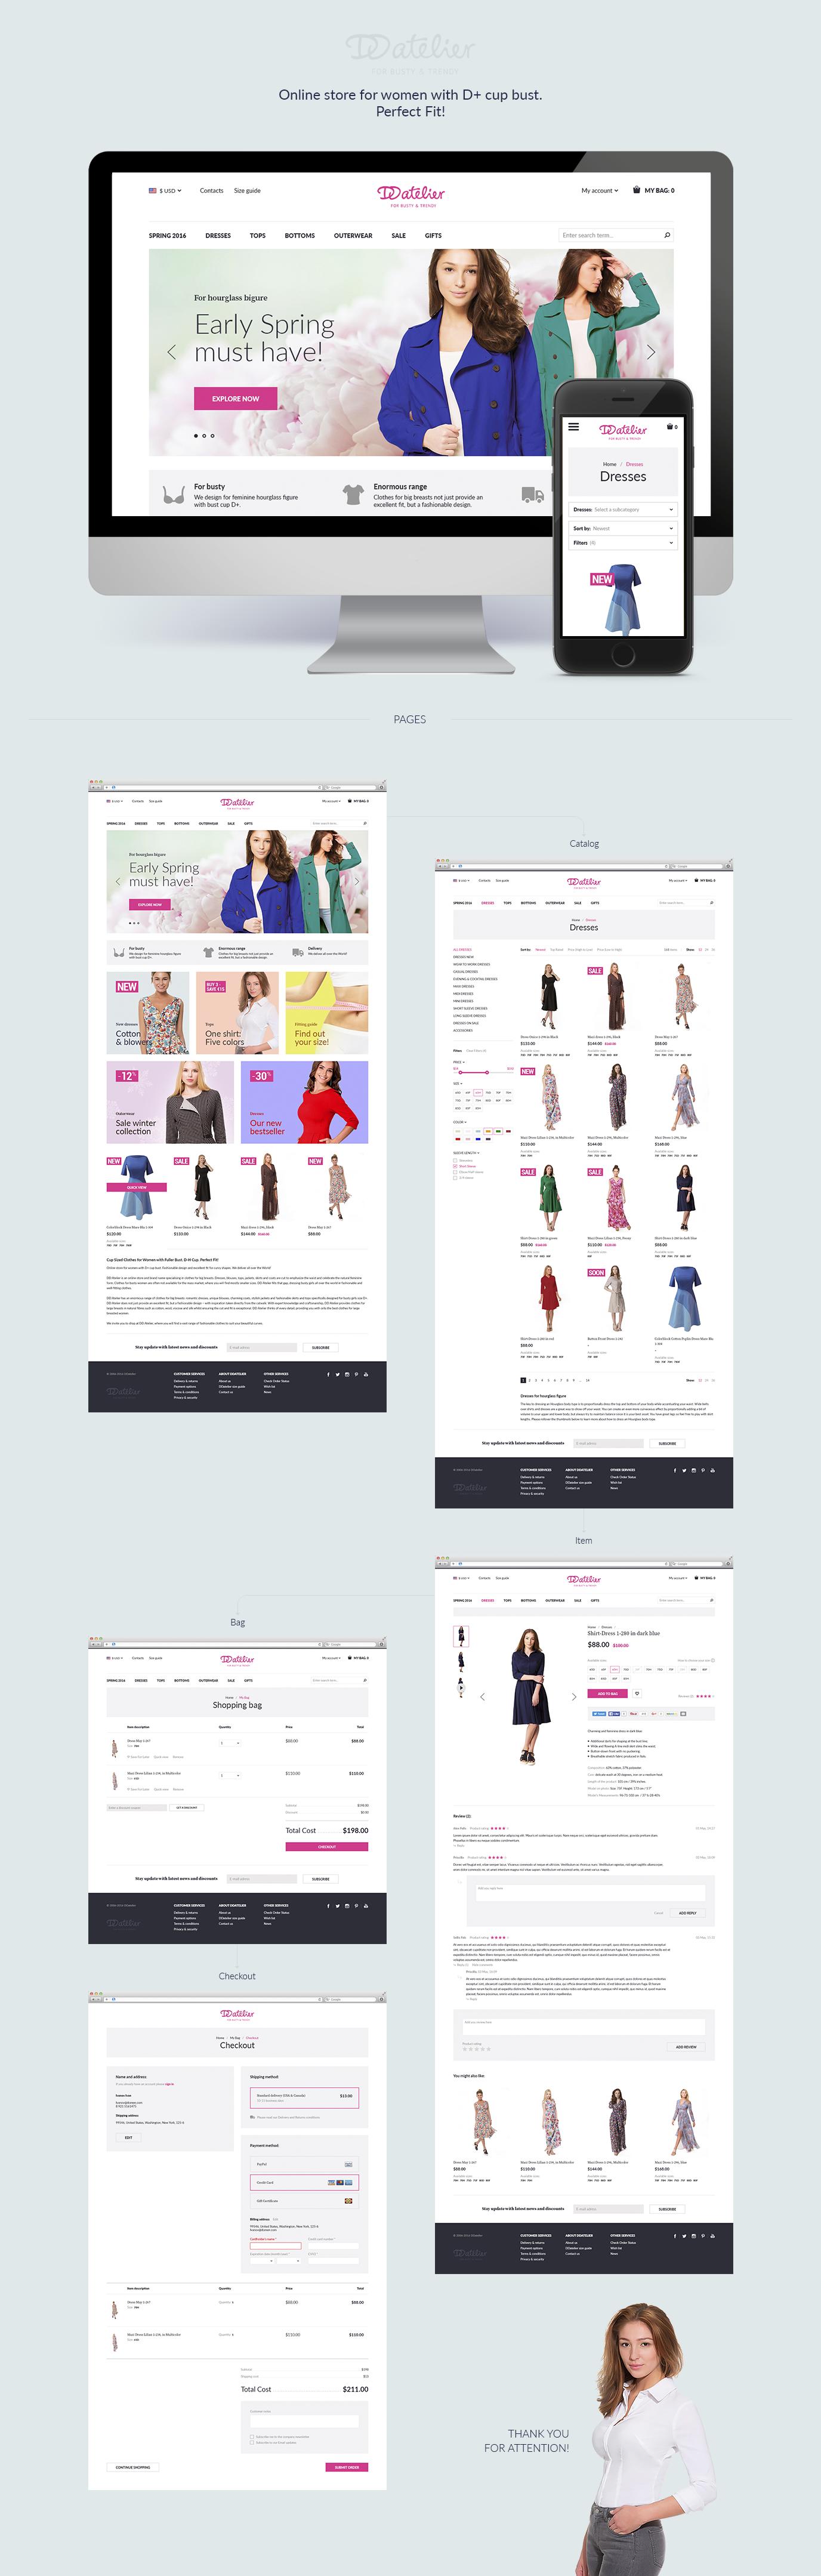 Разработать дизайн сайта и мобильного приложения фото f_769598d8596368fd.png